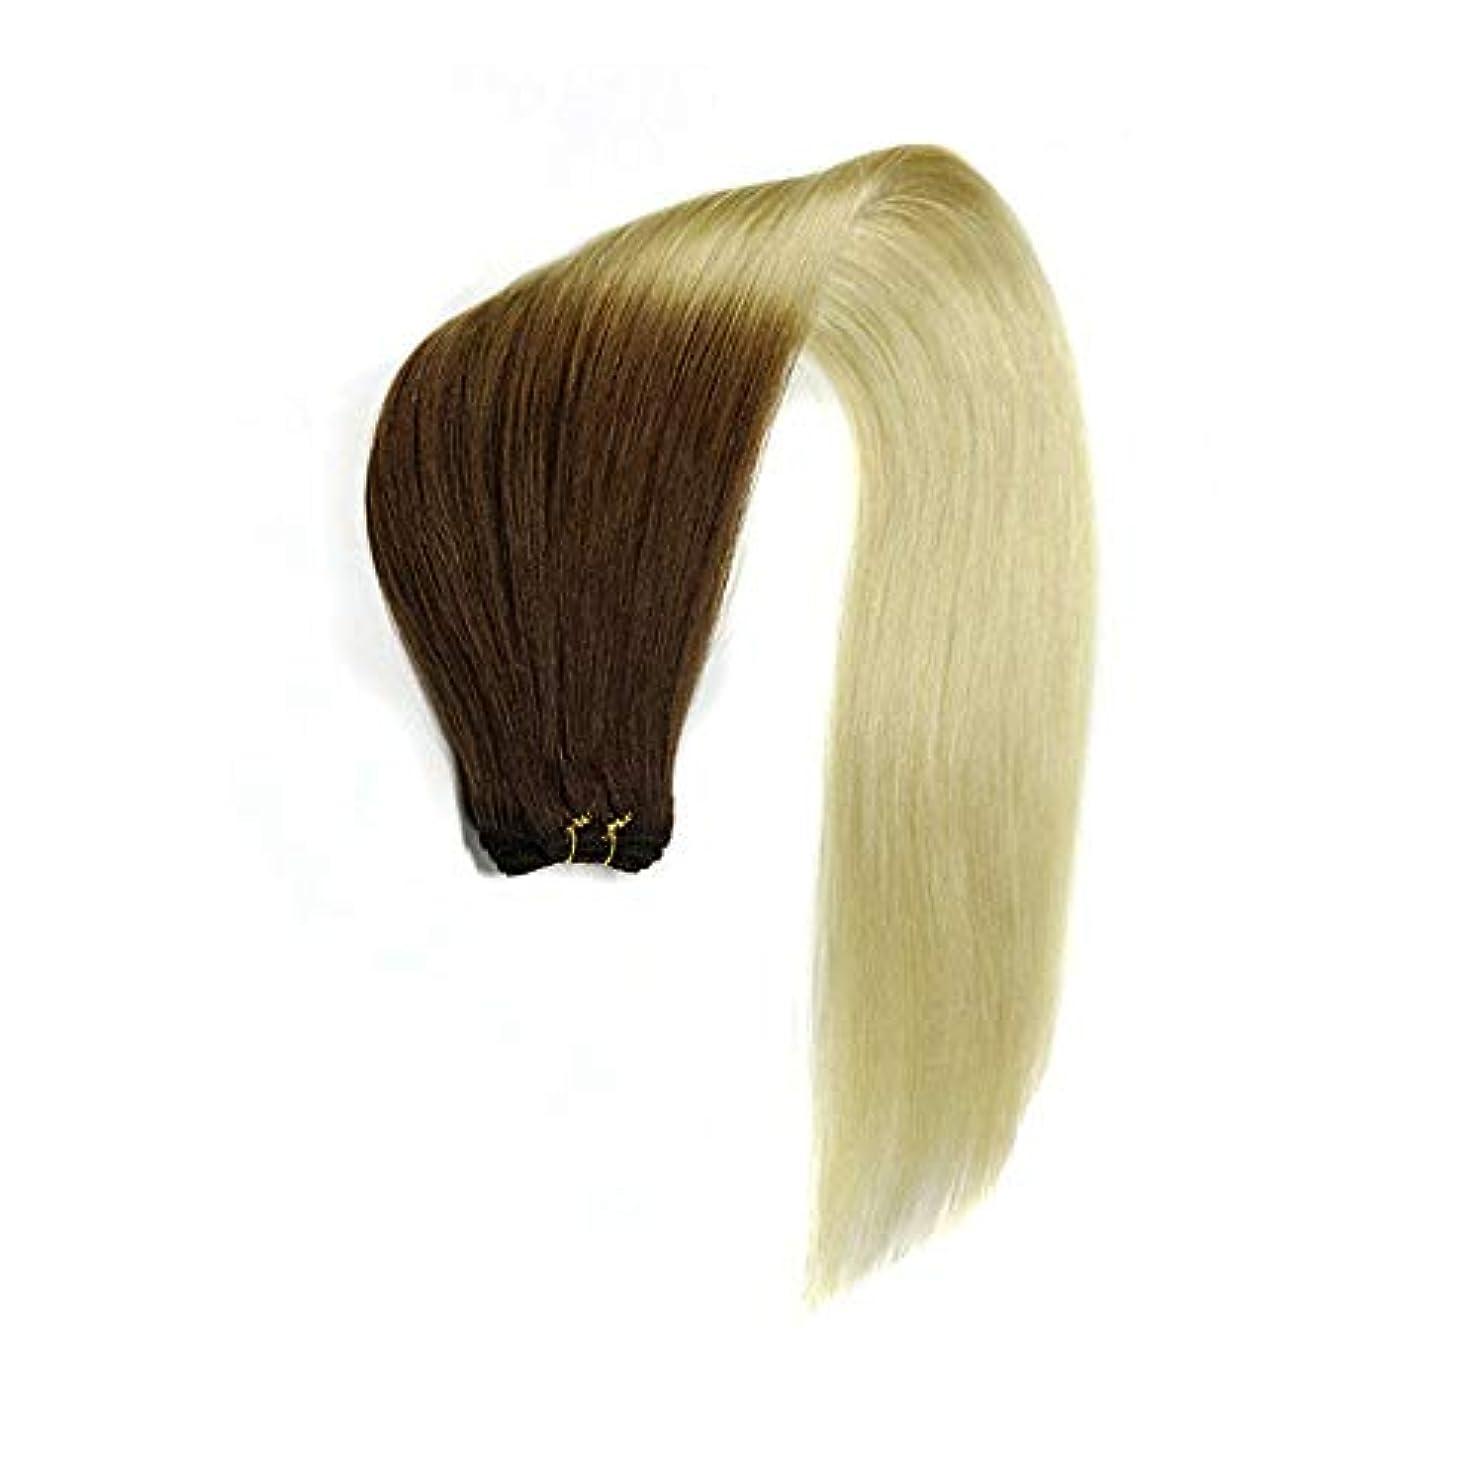 触手賛美歌報告書WASAIO 女性のヘアエクステンションクリップ裏地なし髪型ブラジル人毛エクステンションわかりやすい横糸 (色 : Blonde, サイズ : 14 inch)